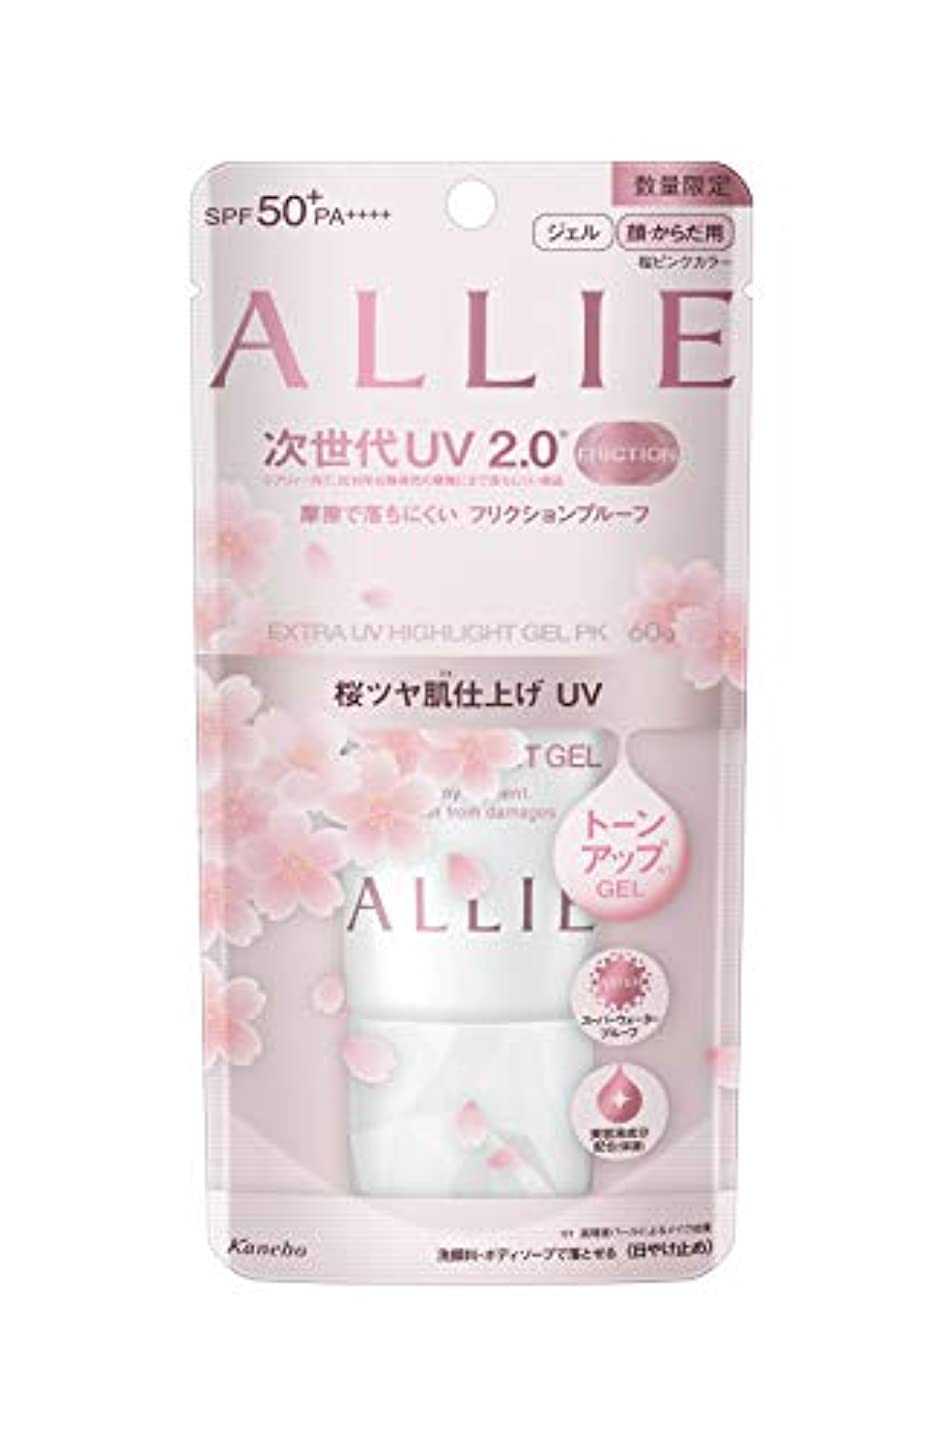 ラッチ仕出しますアレキサンダーグラハムベルアリィー エクストラUV ハイライトジェル 日焼け止め 桜の香り SPF50+/PA++++